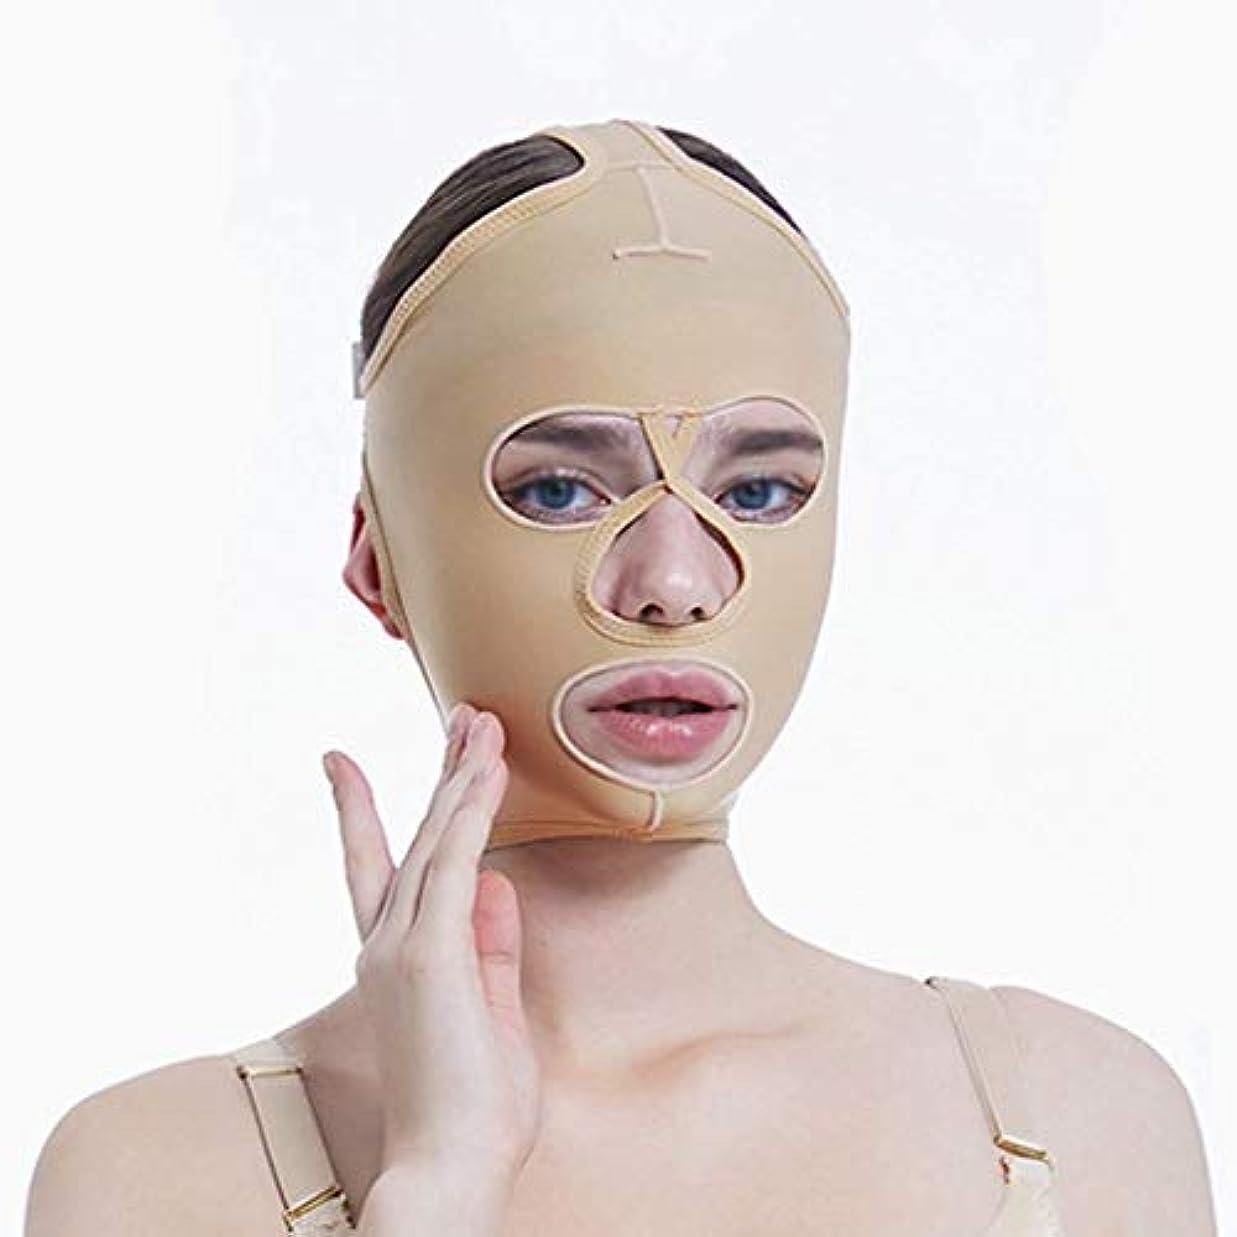 有罪治世寝具チンリフティングベルト、超薄型ベルト、引き締めマスク、包帯吊り、フェイスリフティングマスク、超薄型ベルト、通気性(サイズ:L),ザ?